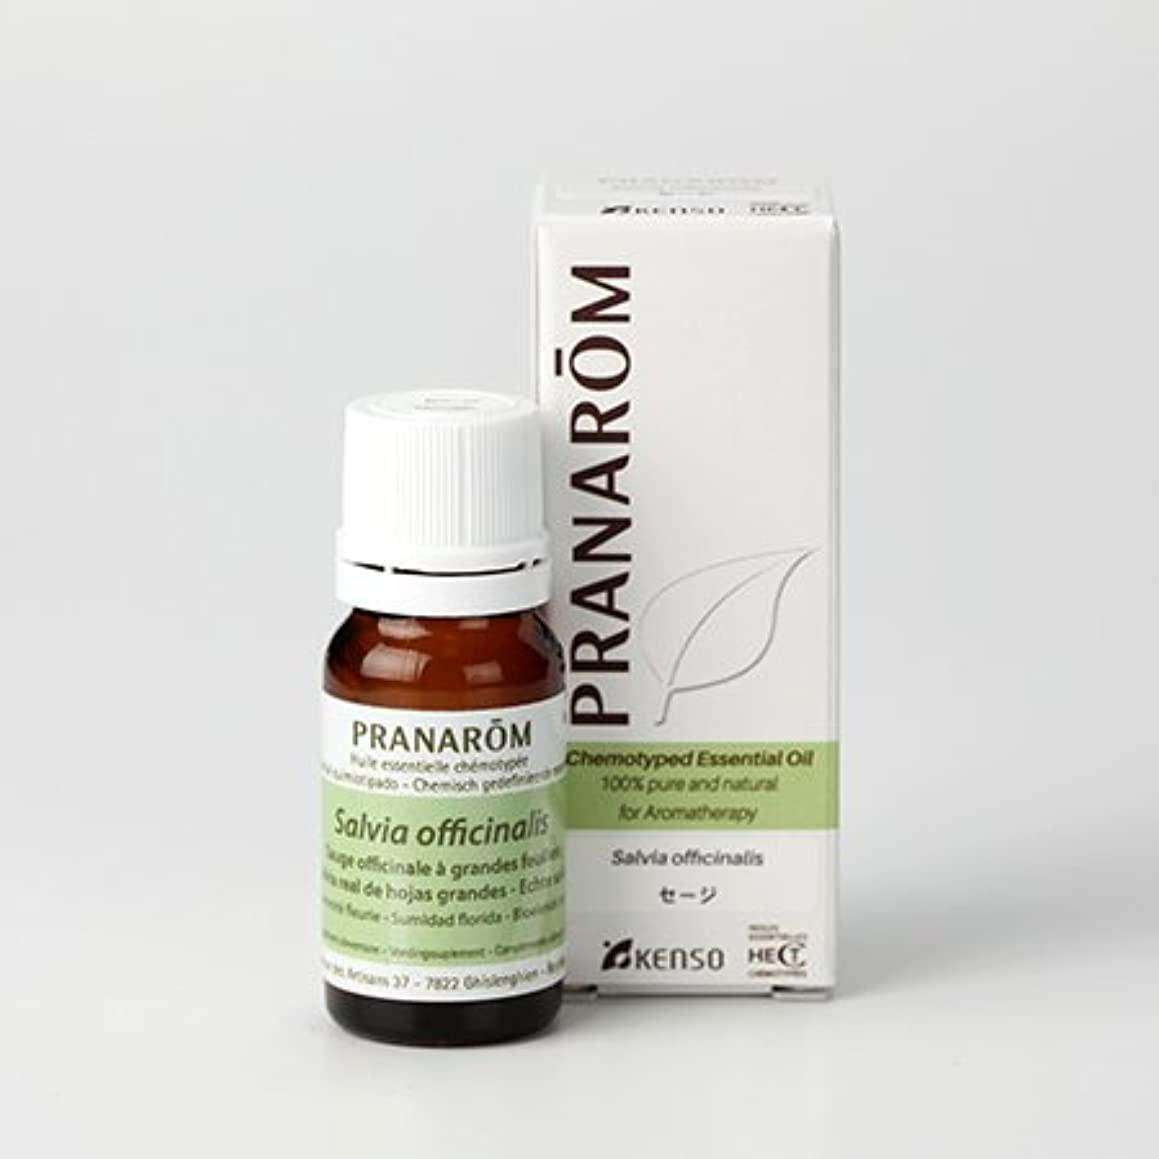 サラミトランスペアレントオーブン【セージ 10ml】→樟脳のようなハッキリとした香り?(リフレッシュハーブ系)[PRANAROM(プラナロム)精油/アロマオイル/エッセンシャルオイル]P-164